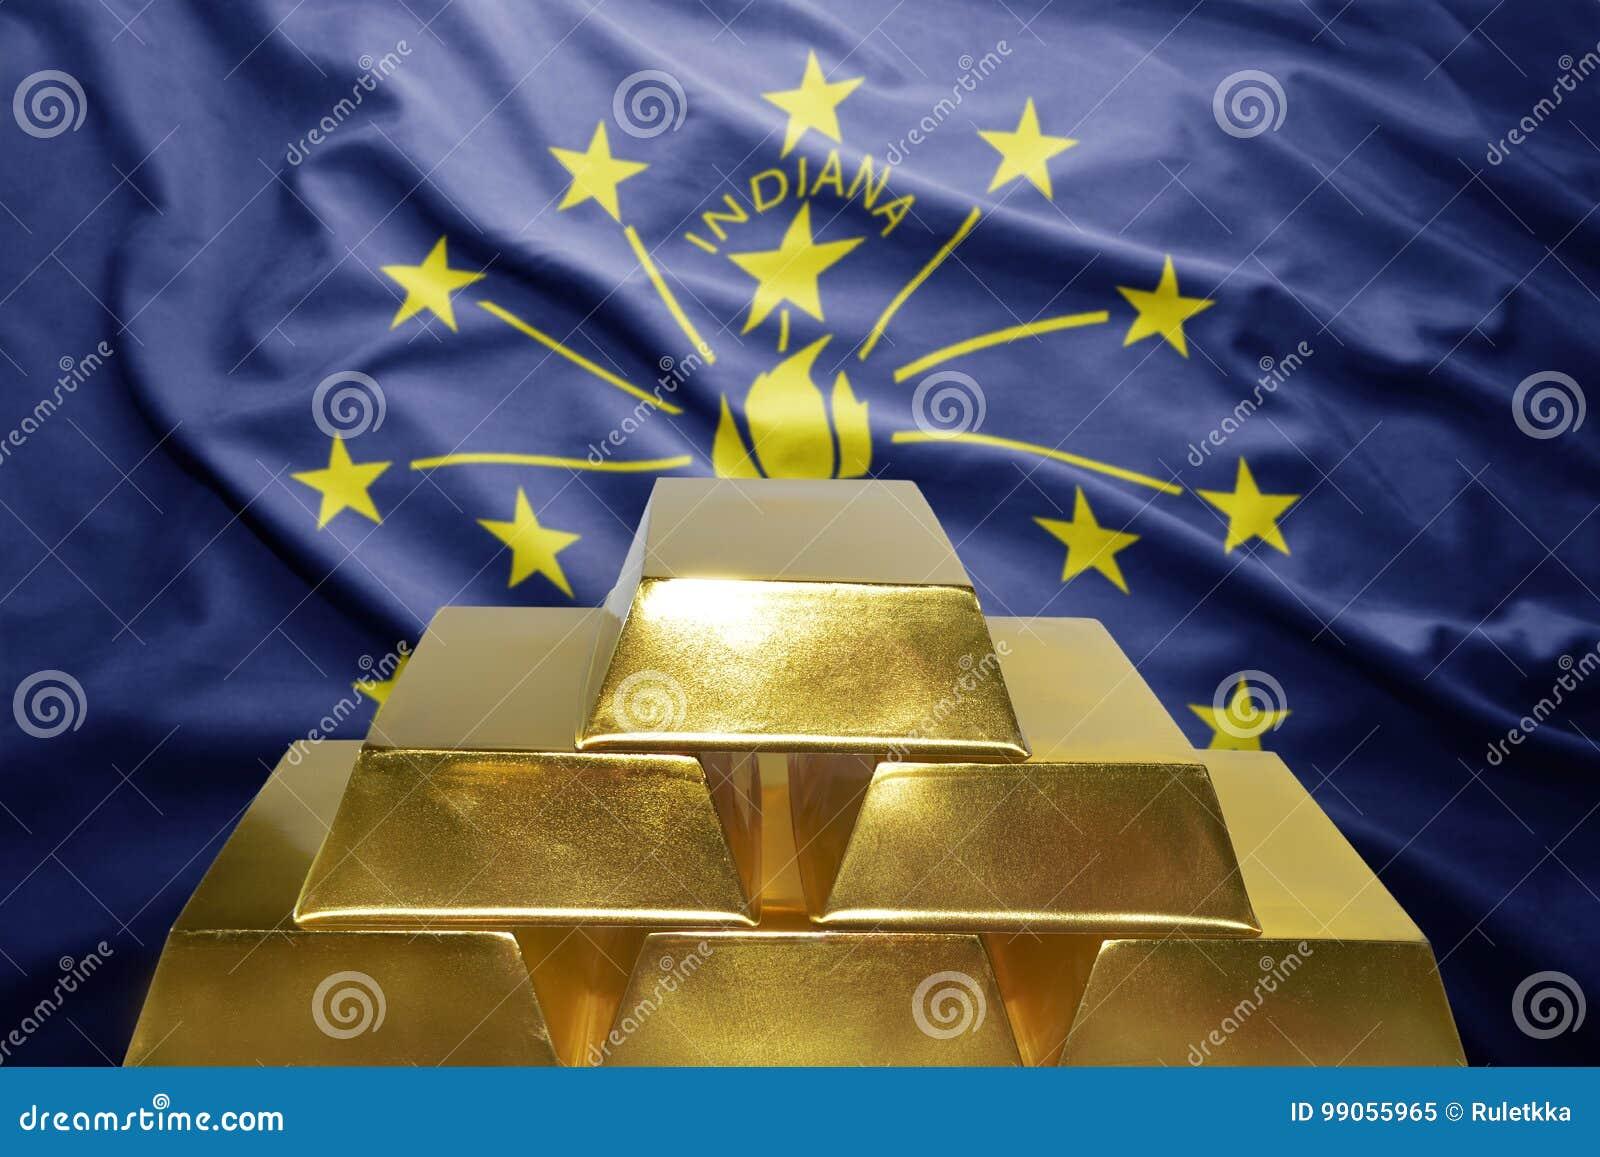 Золотые резервы Индианы